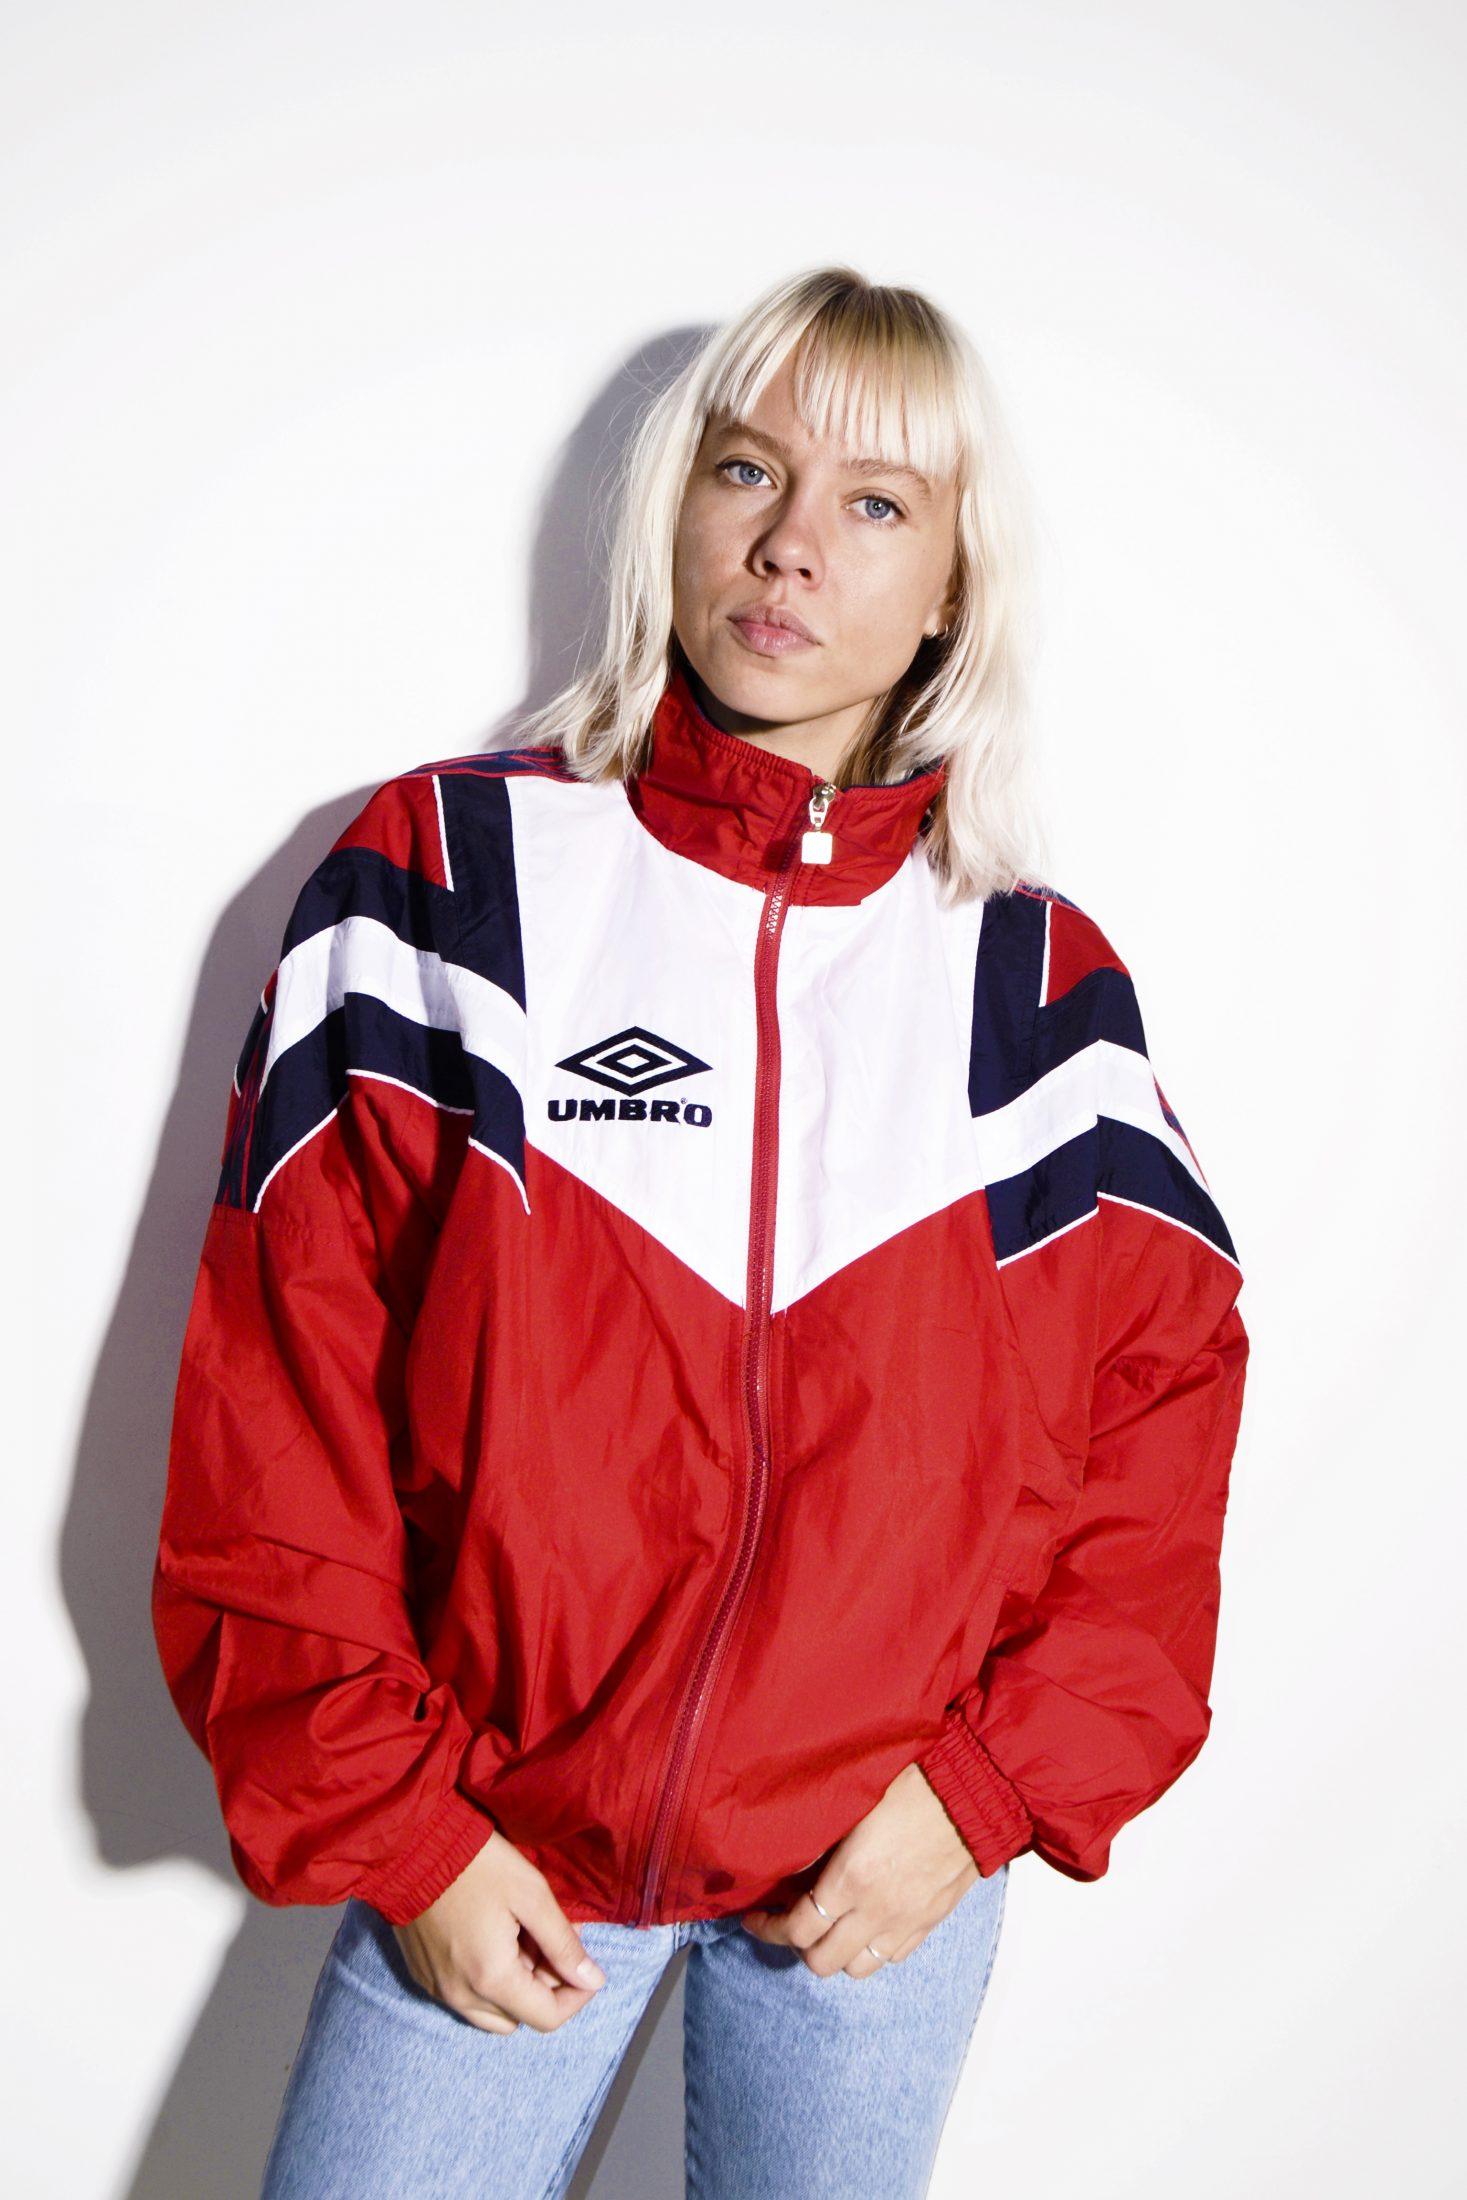 umbro vintage jacket